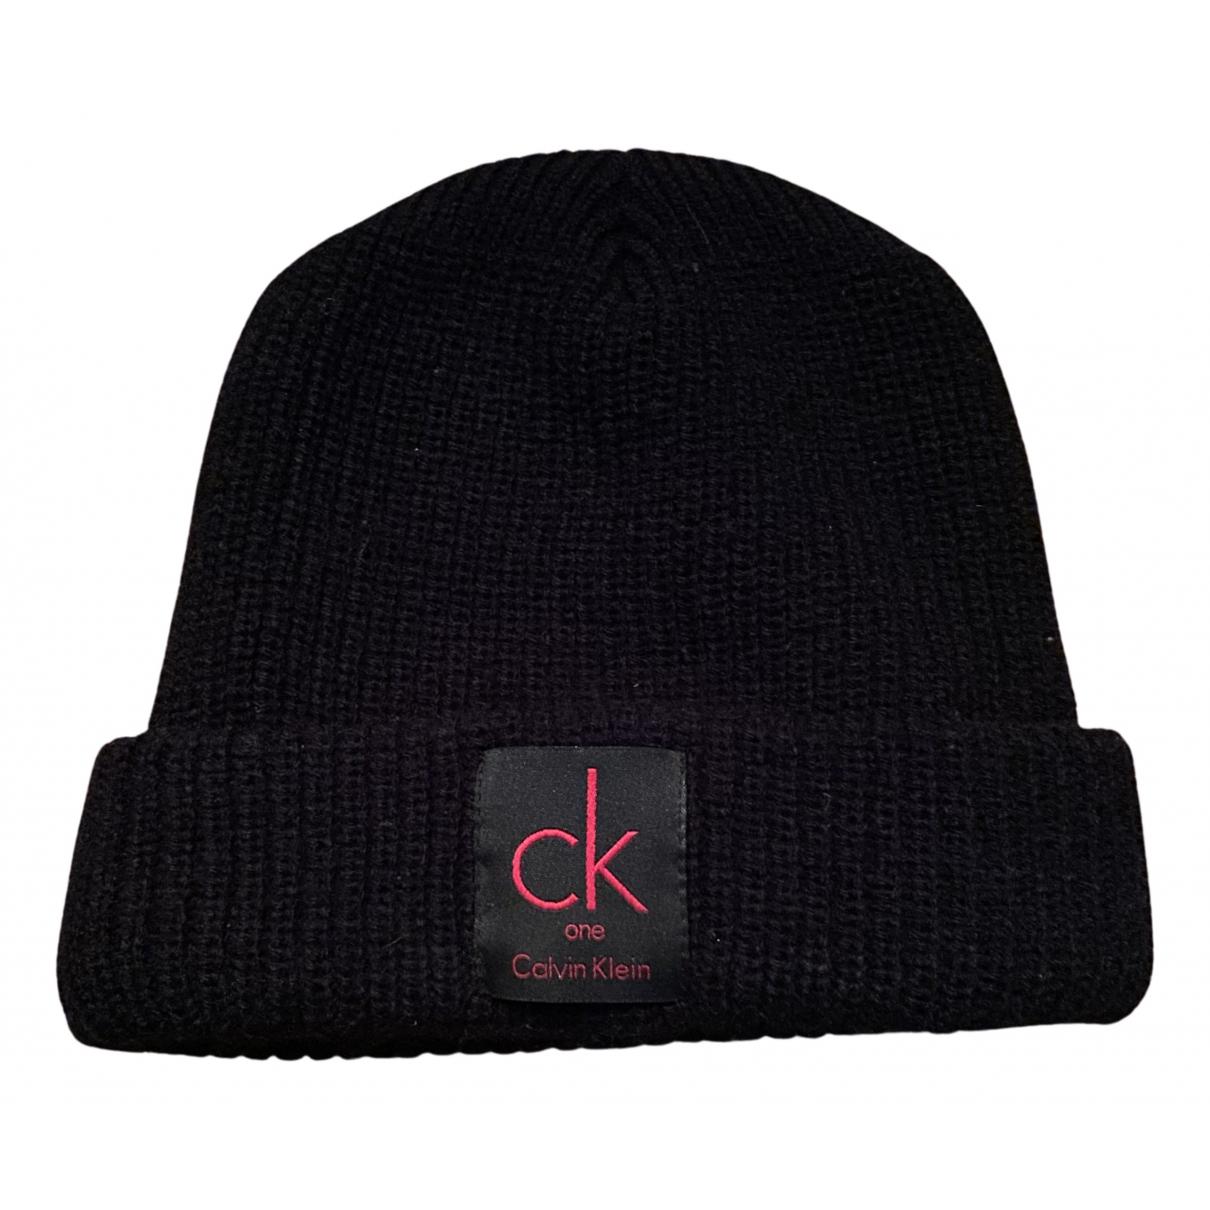 Calvin Klein - Chapeau & Bonnets   pour homme en laine - noir